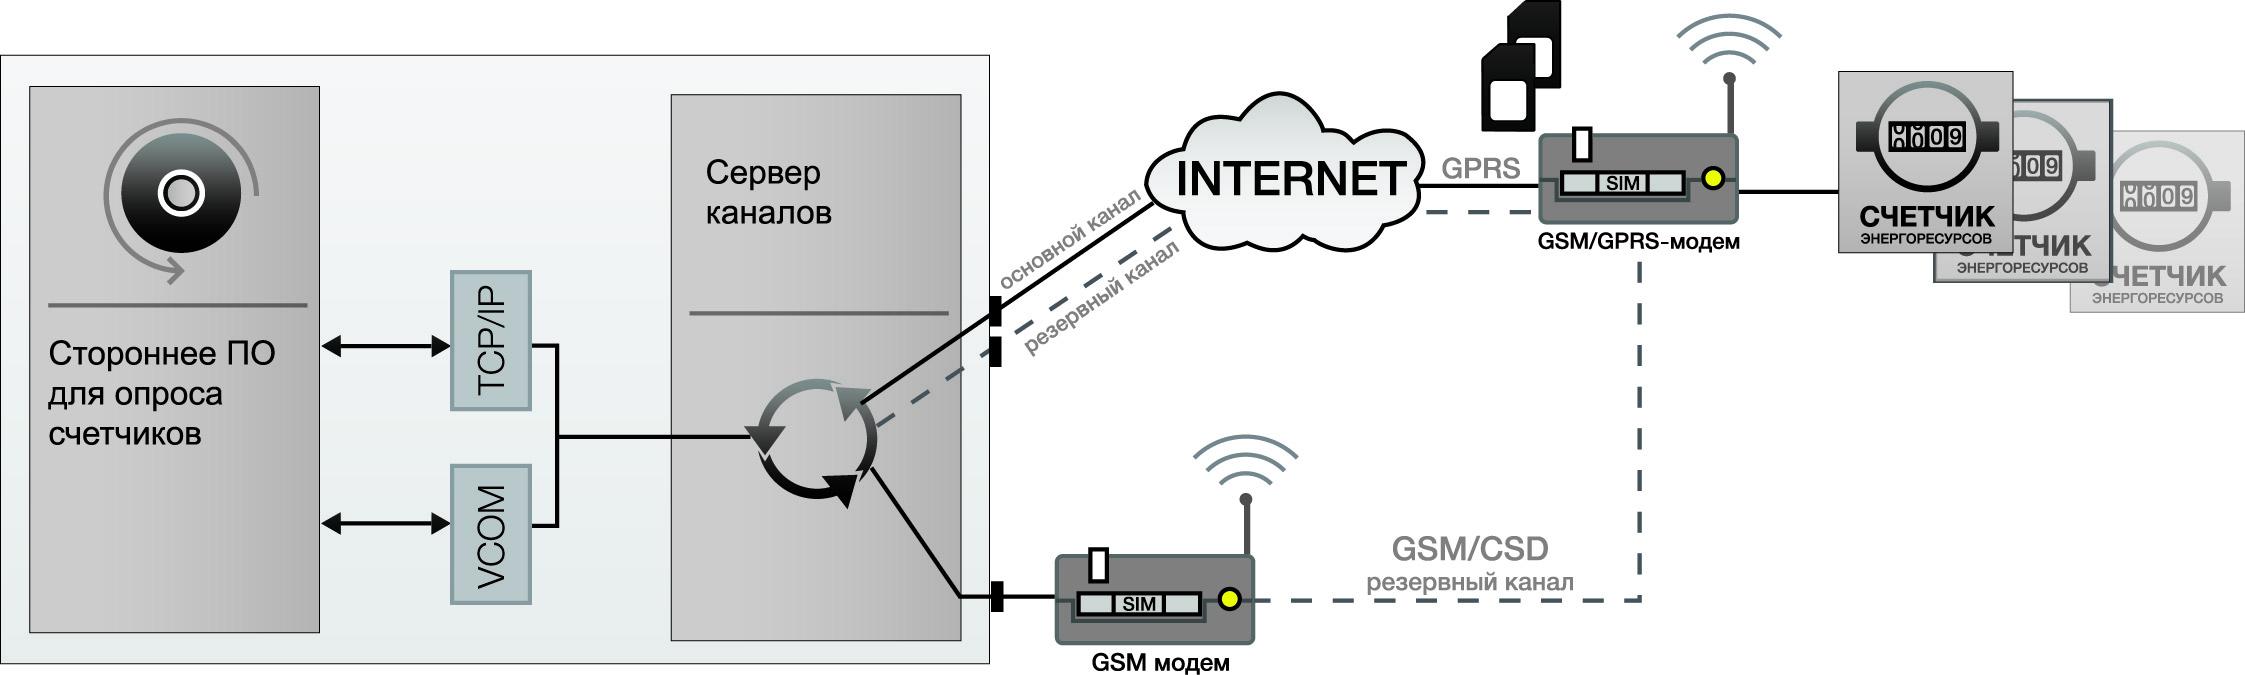 Передача данных по защищенным каналам